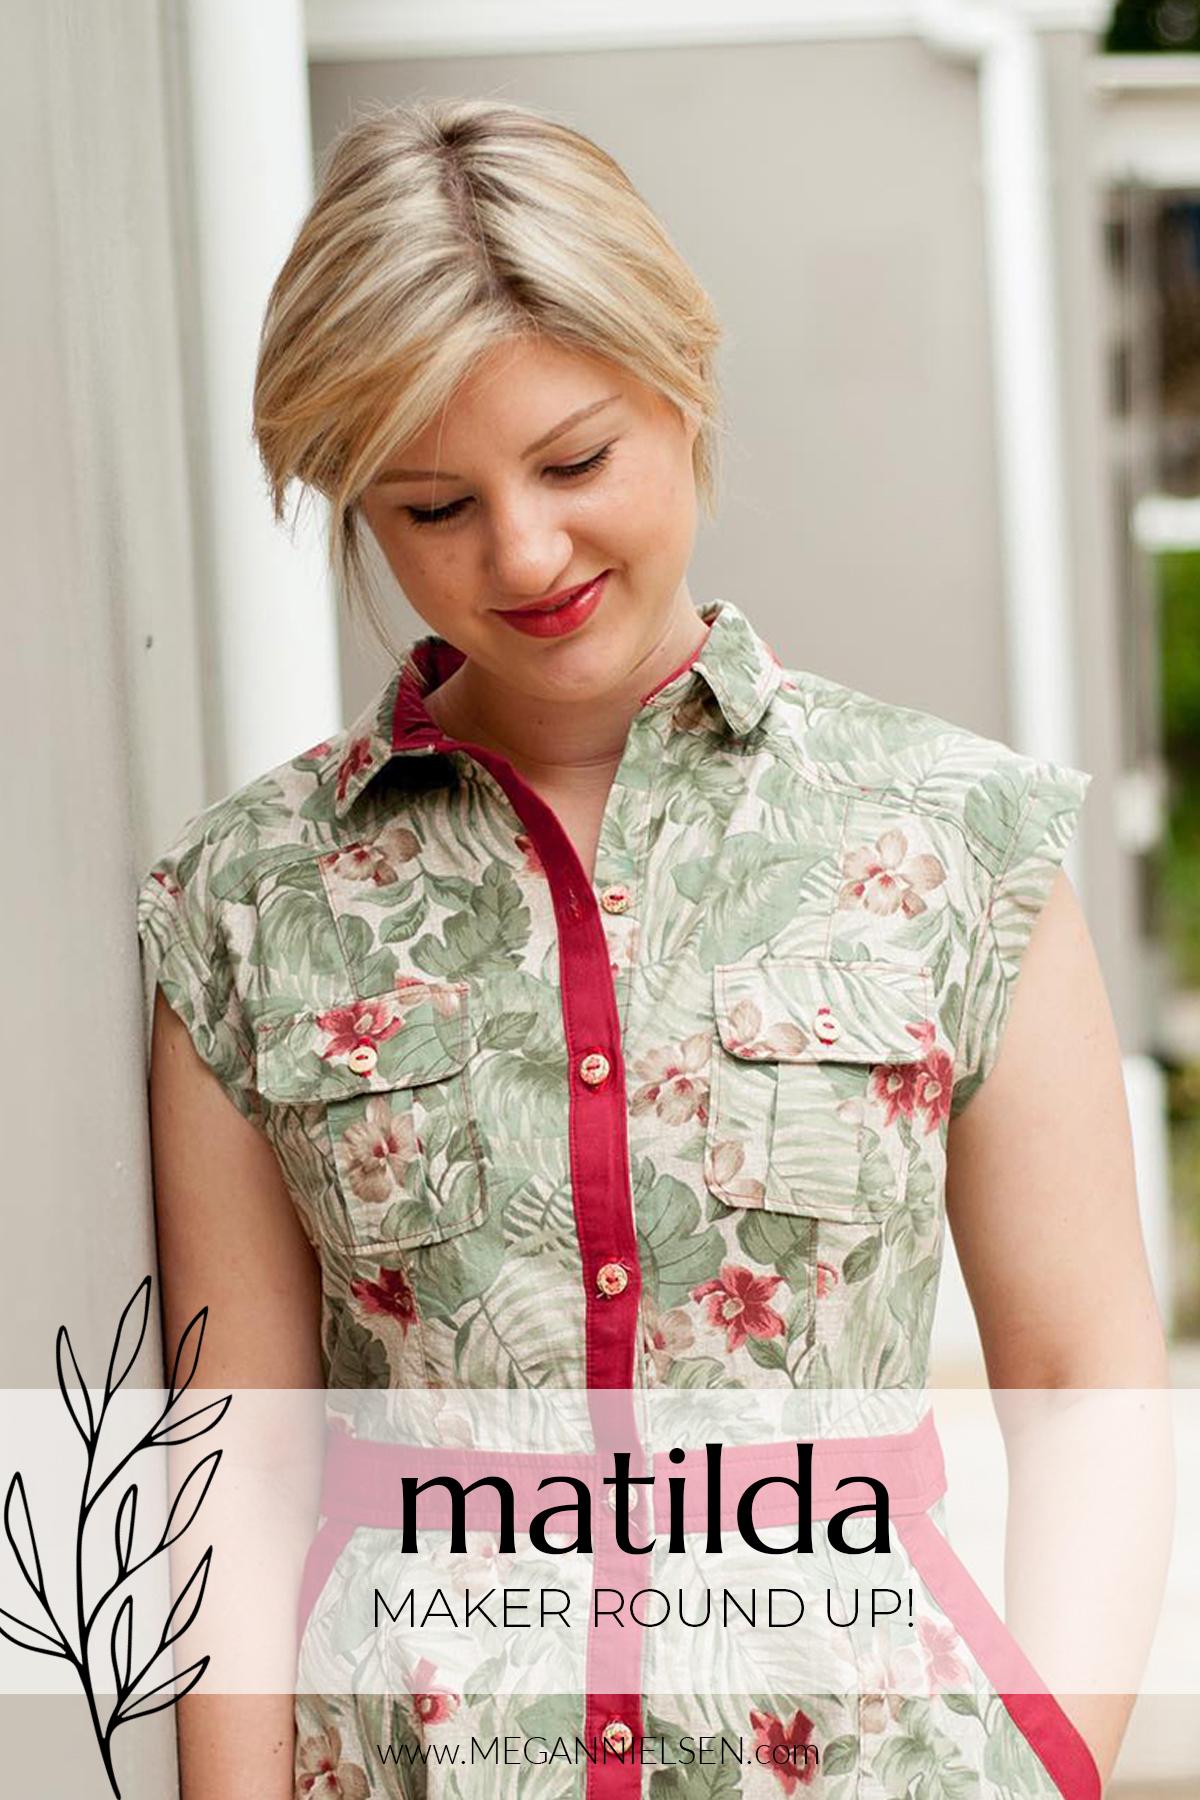 Matilda - Maker Round Up